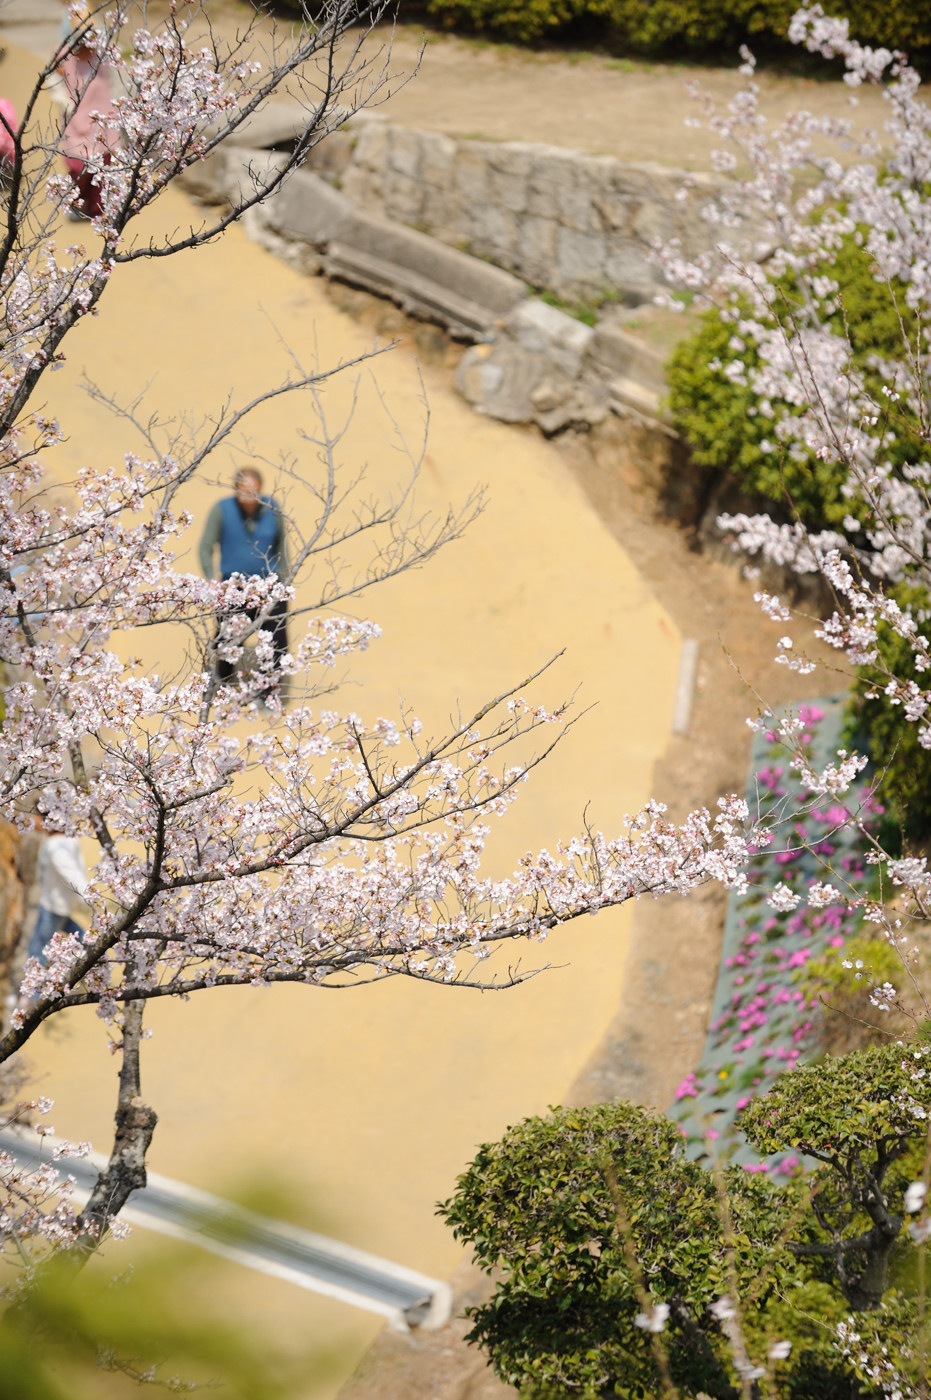 またまたネタ切れで桜でゲソ